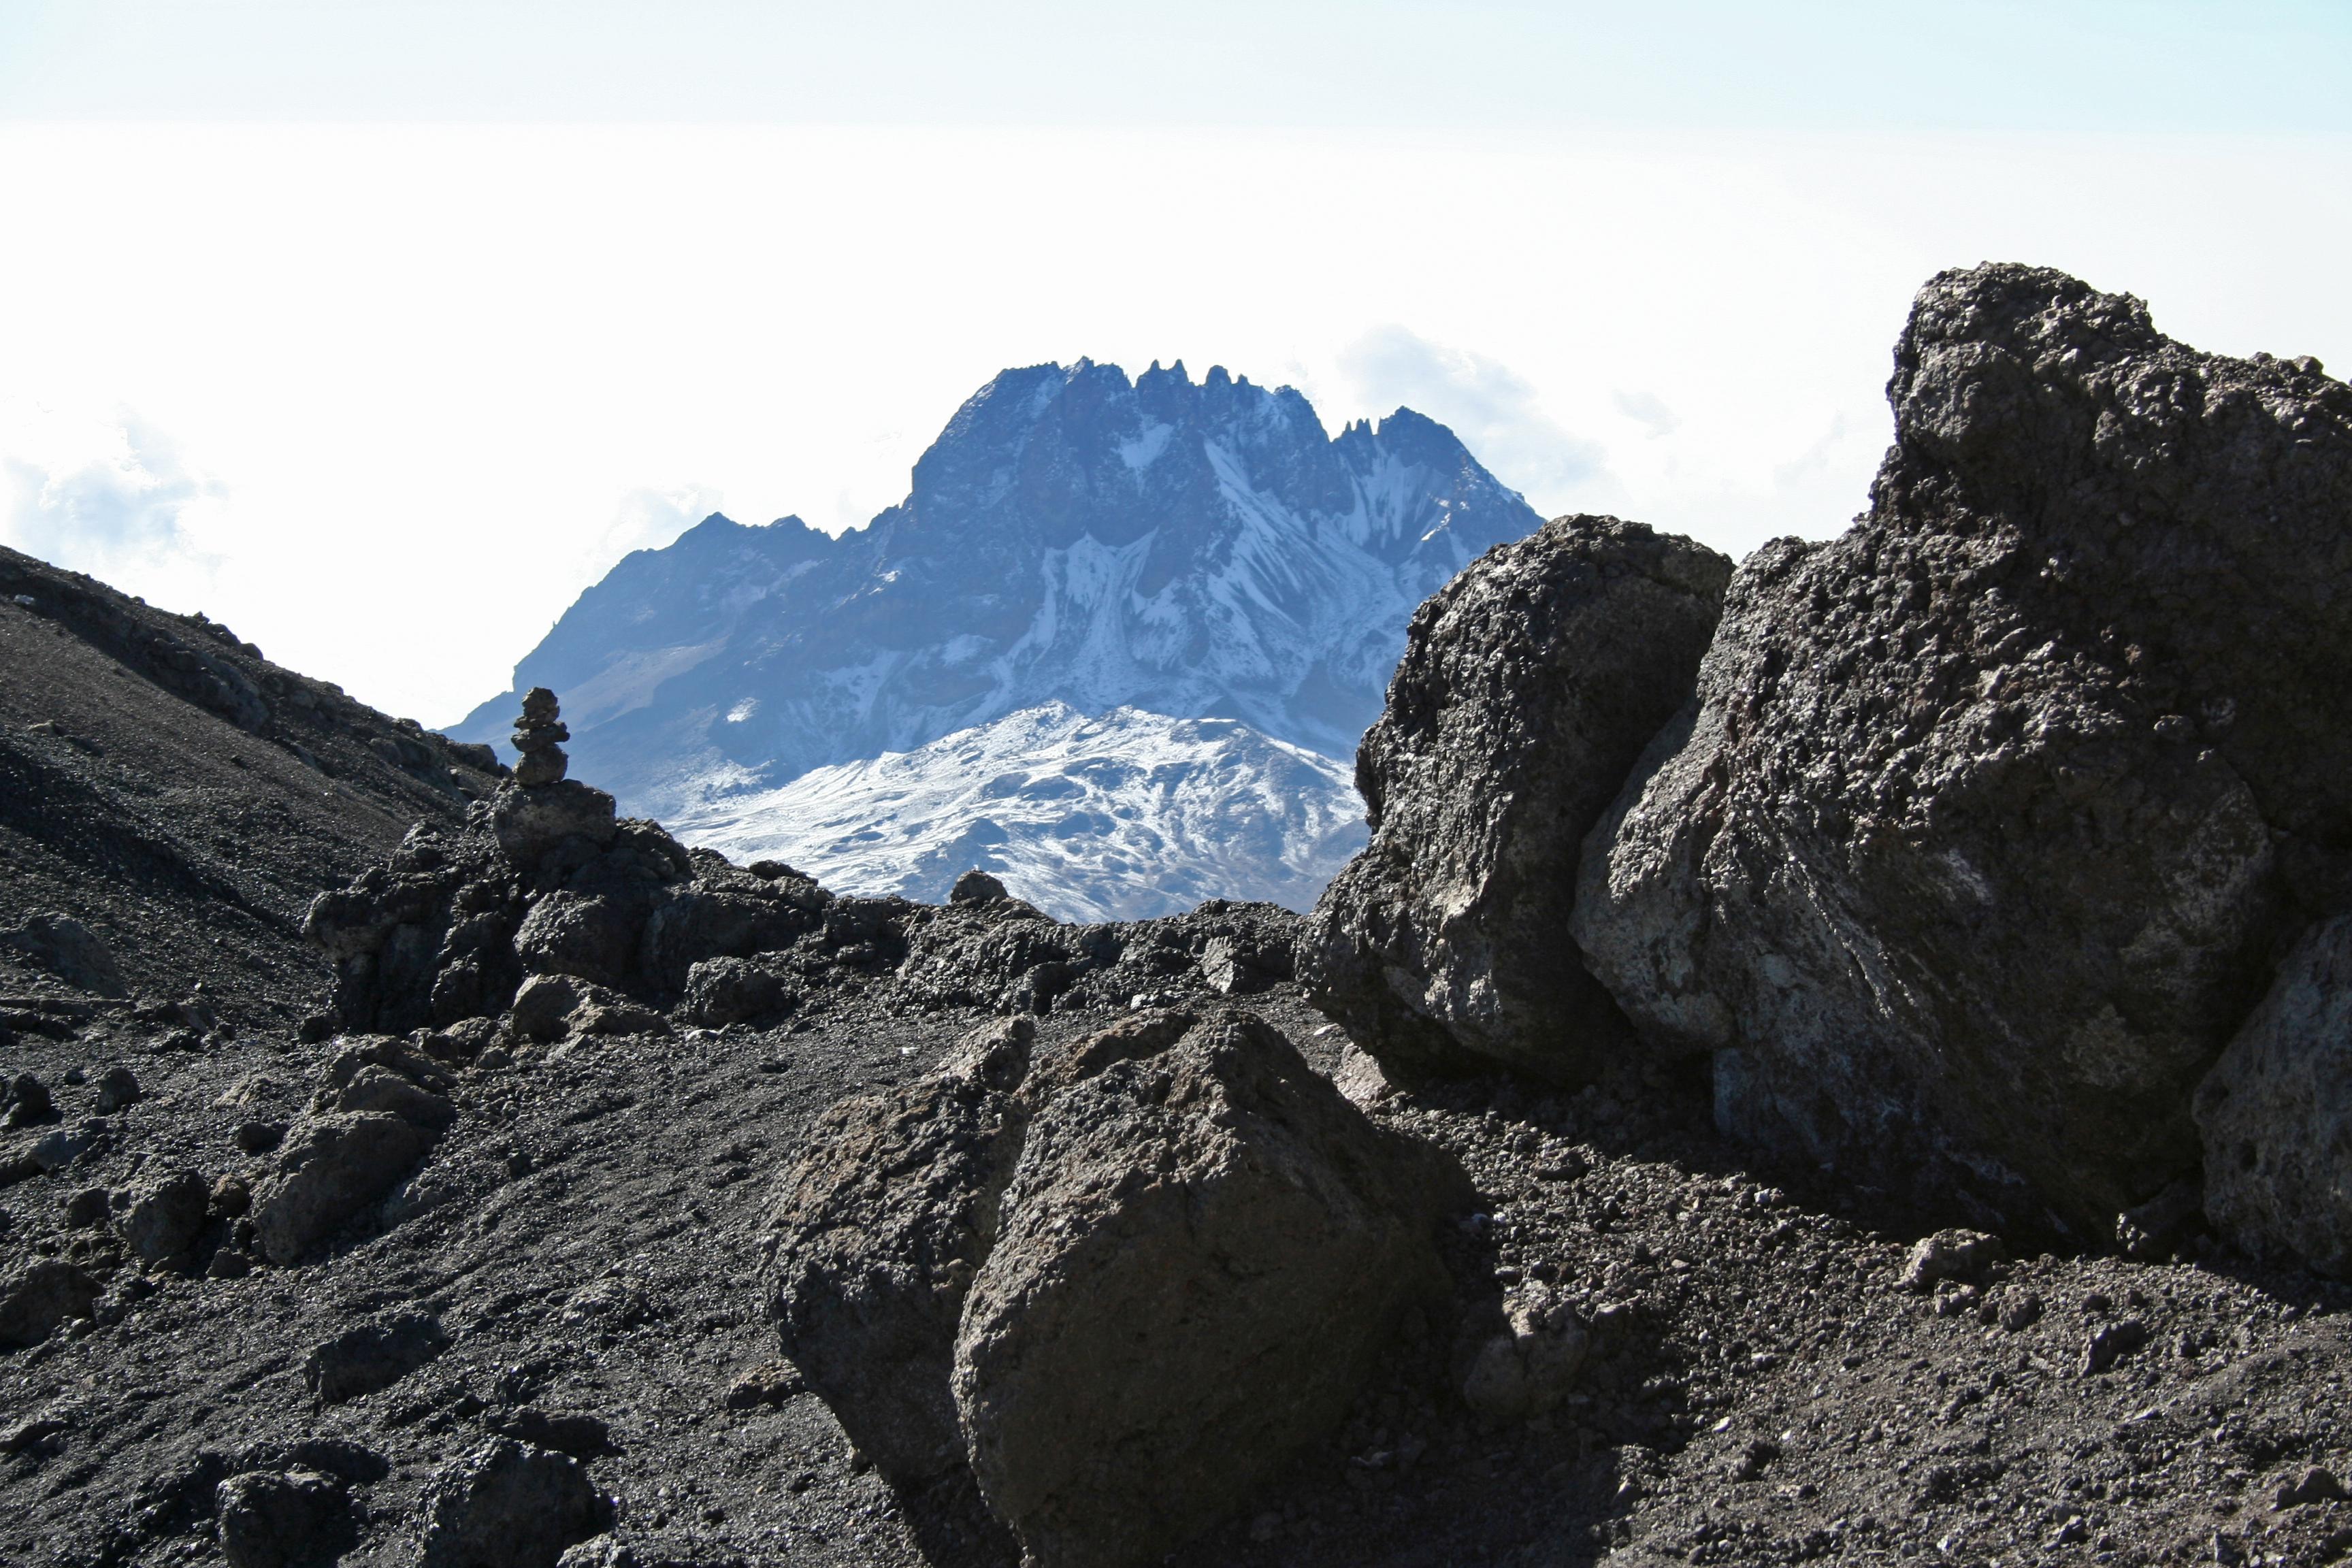 Путешествие без границ с Юрием Брилем. На Килиманджаро. Часть 2